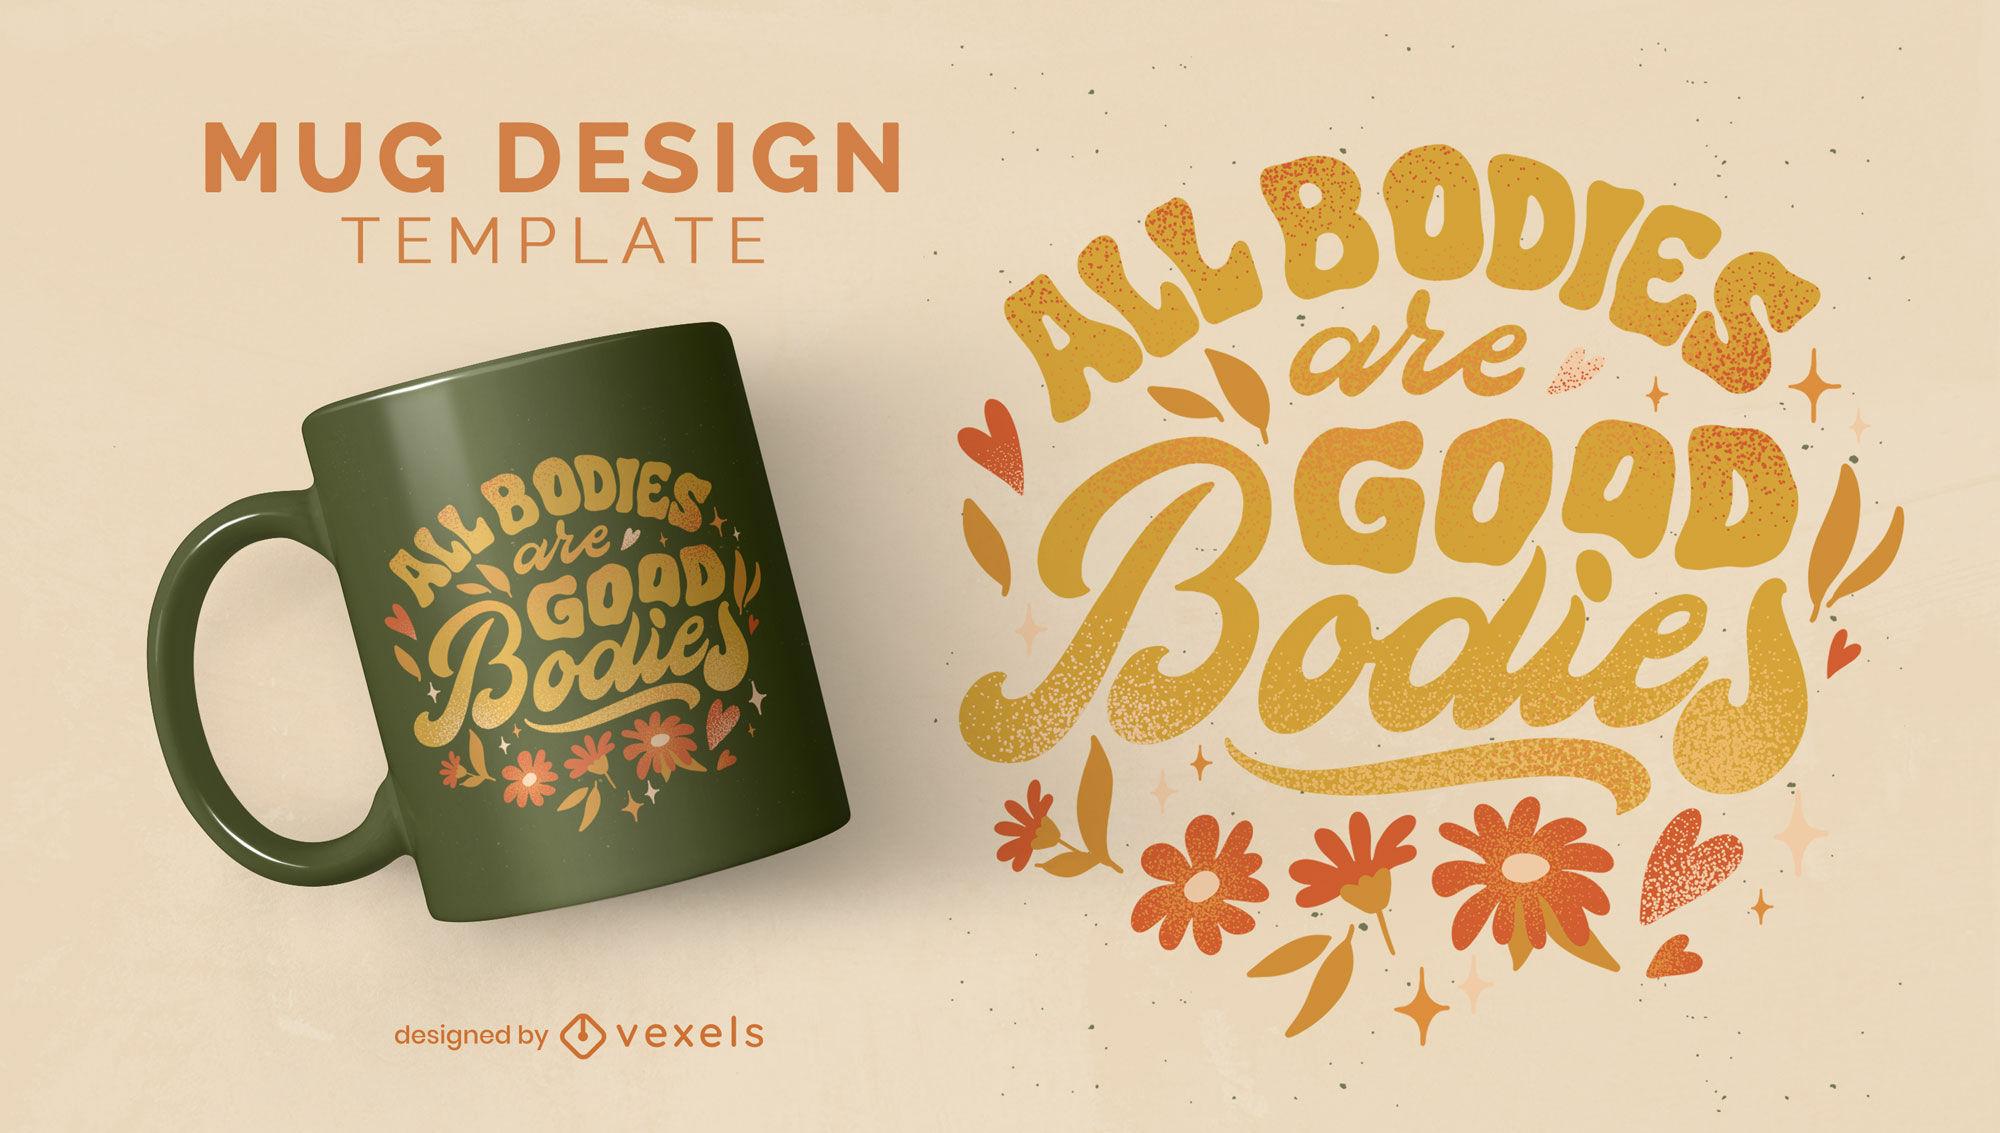 Body positivity lettering mug design